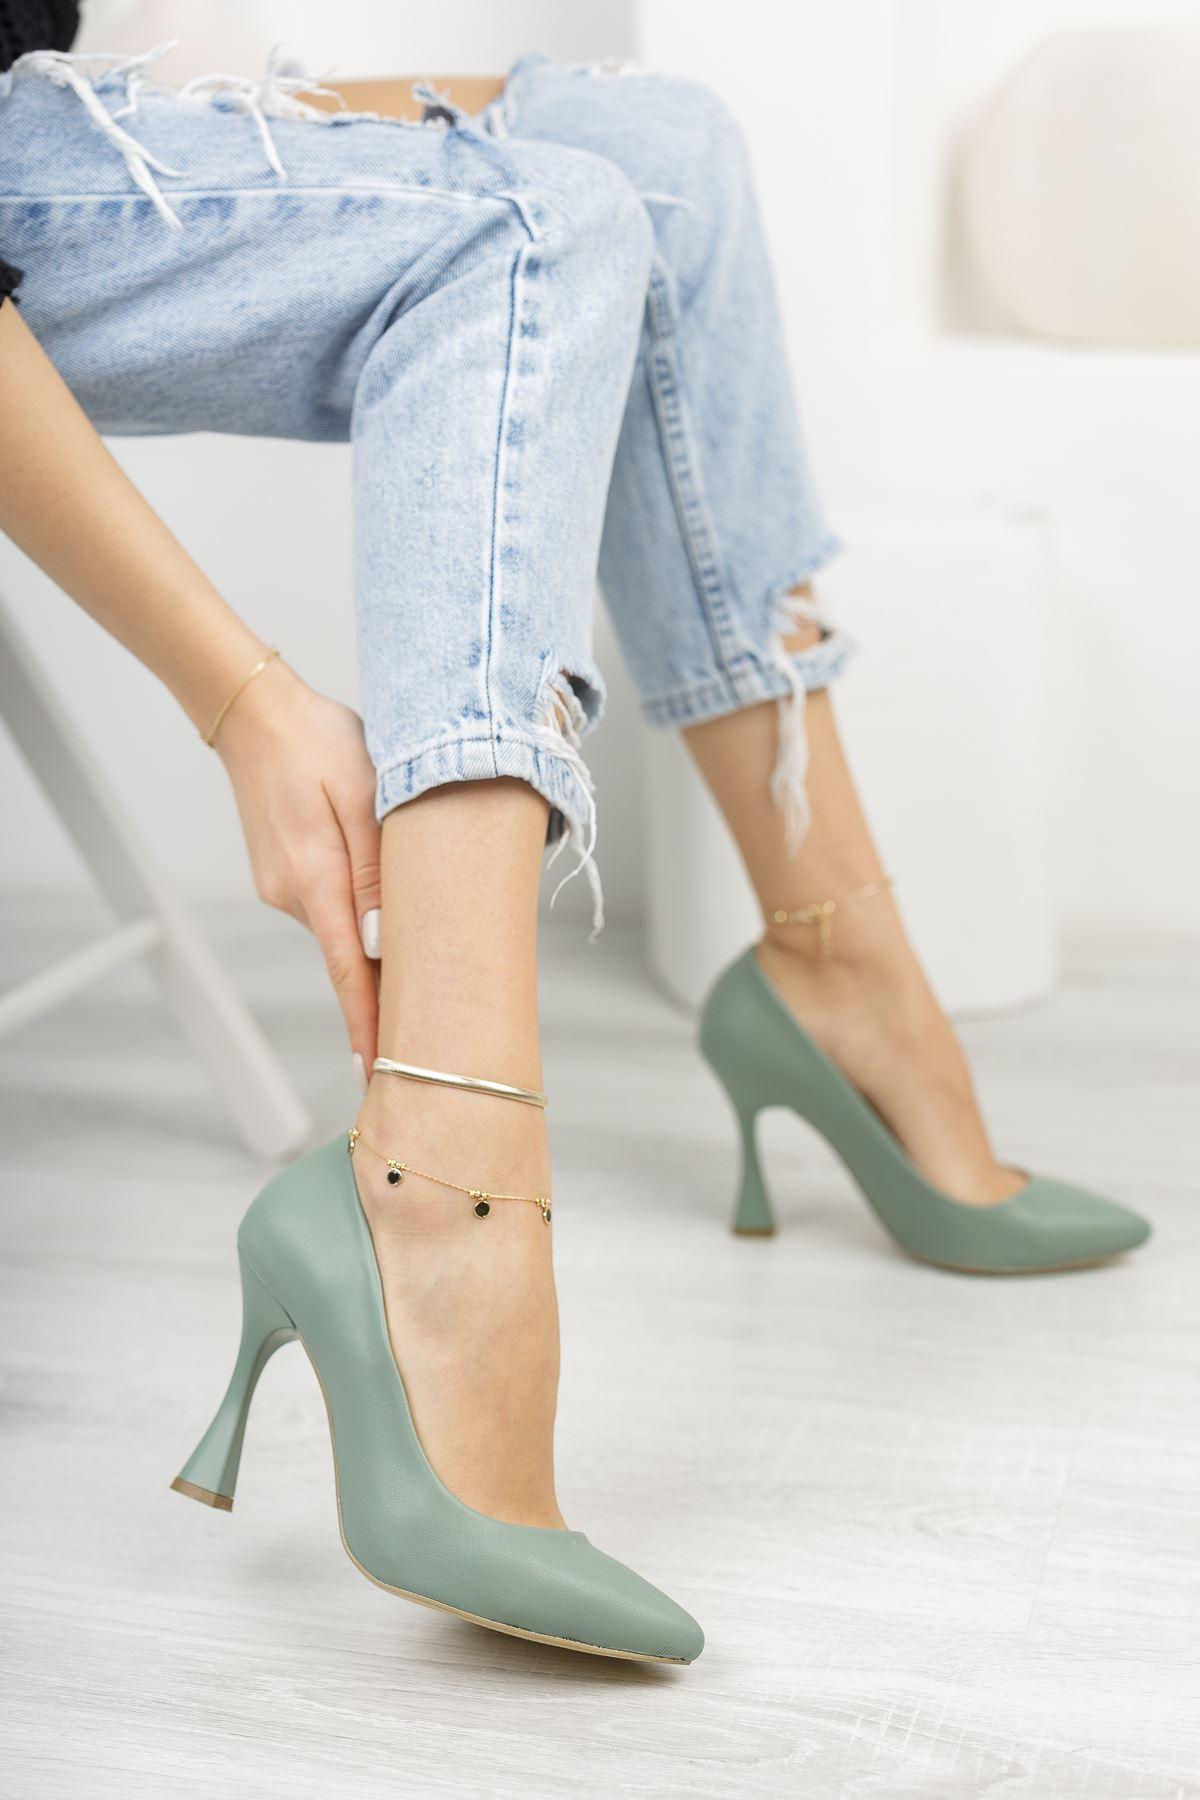 Su Yeşili Stiletto Topuklu Ayakkabı